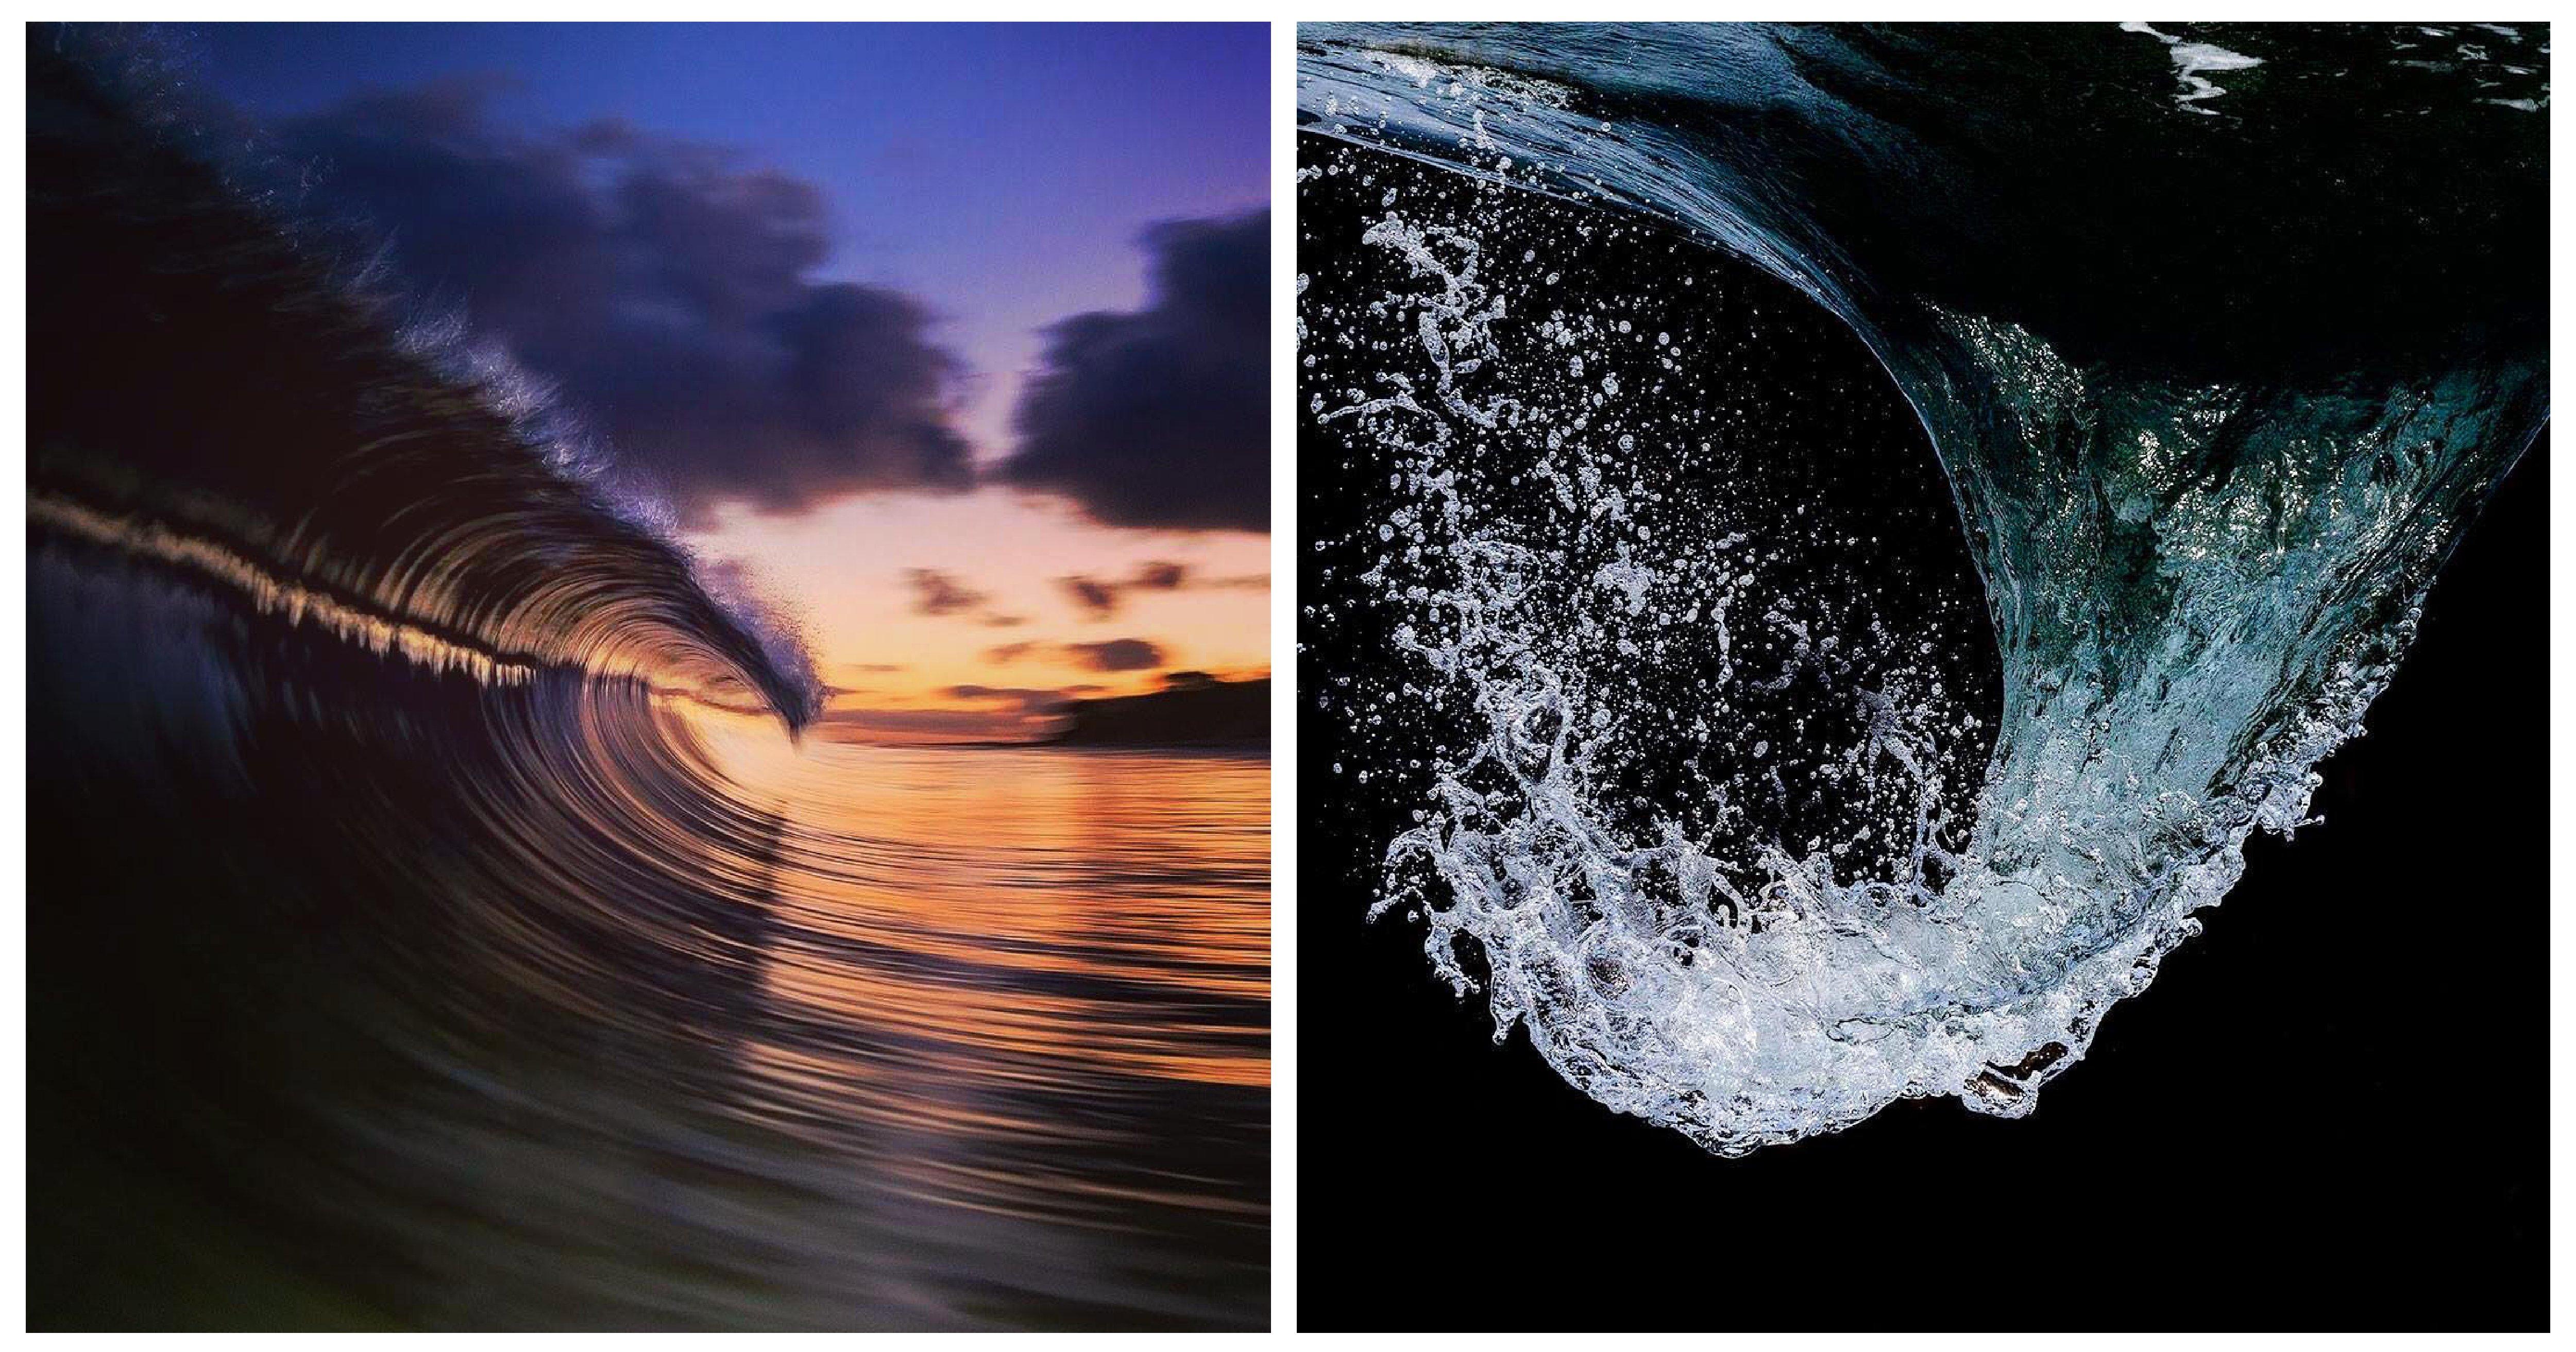 e5b081e99da2 e5b7a5e4bd9ce58d80e59f9f 1 5.png?resize=412,232 - 10張絕美海浪攝影照!攝影師超會捕捉海浪的風情萬種,網友驚呆:「美到好不真實」